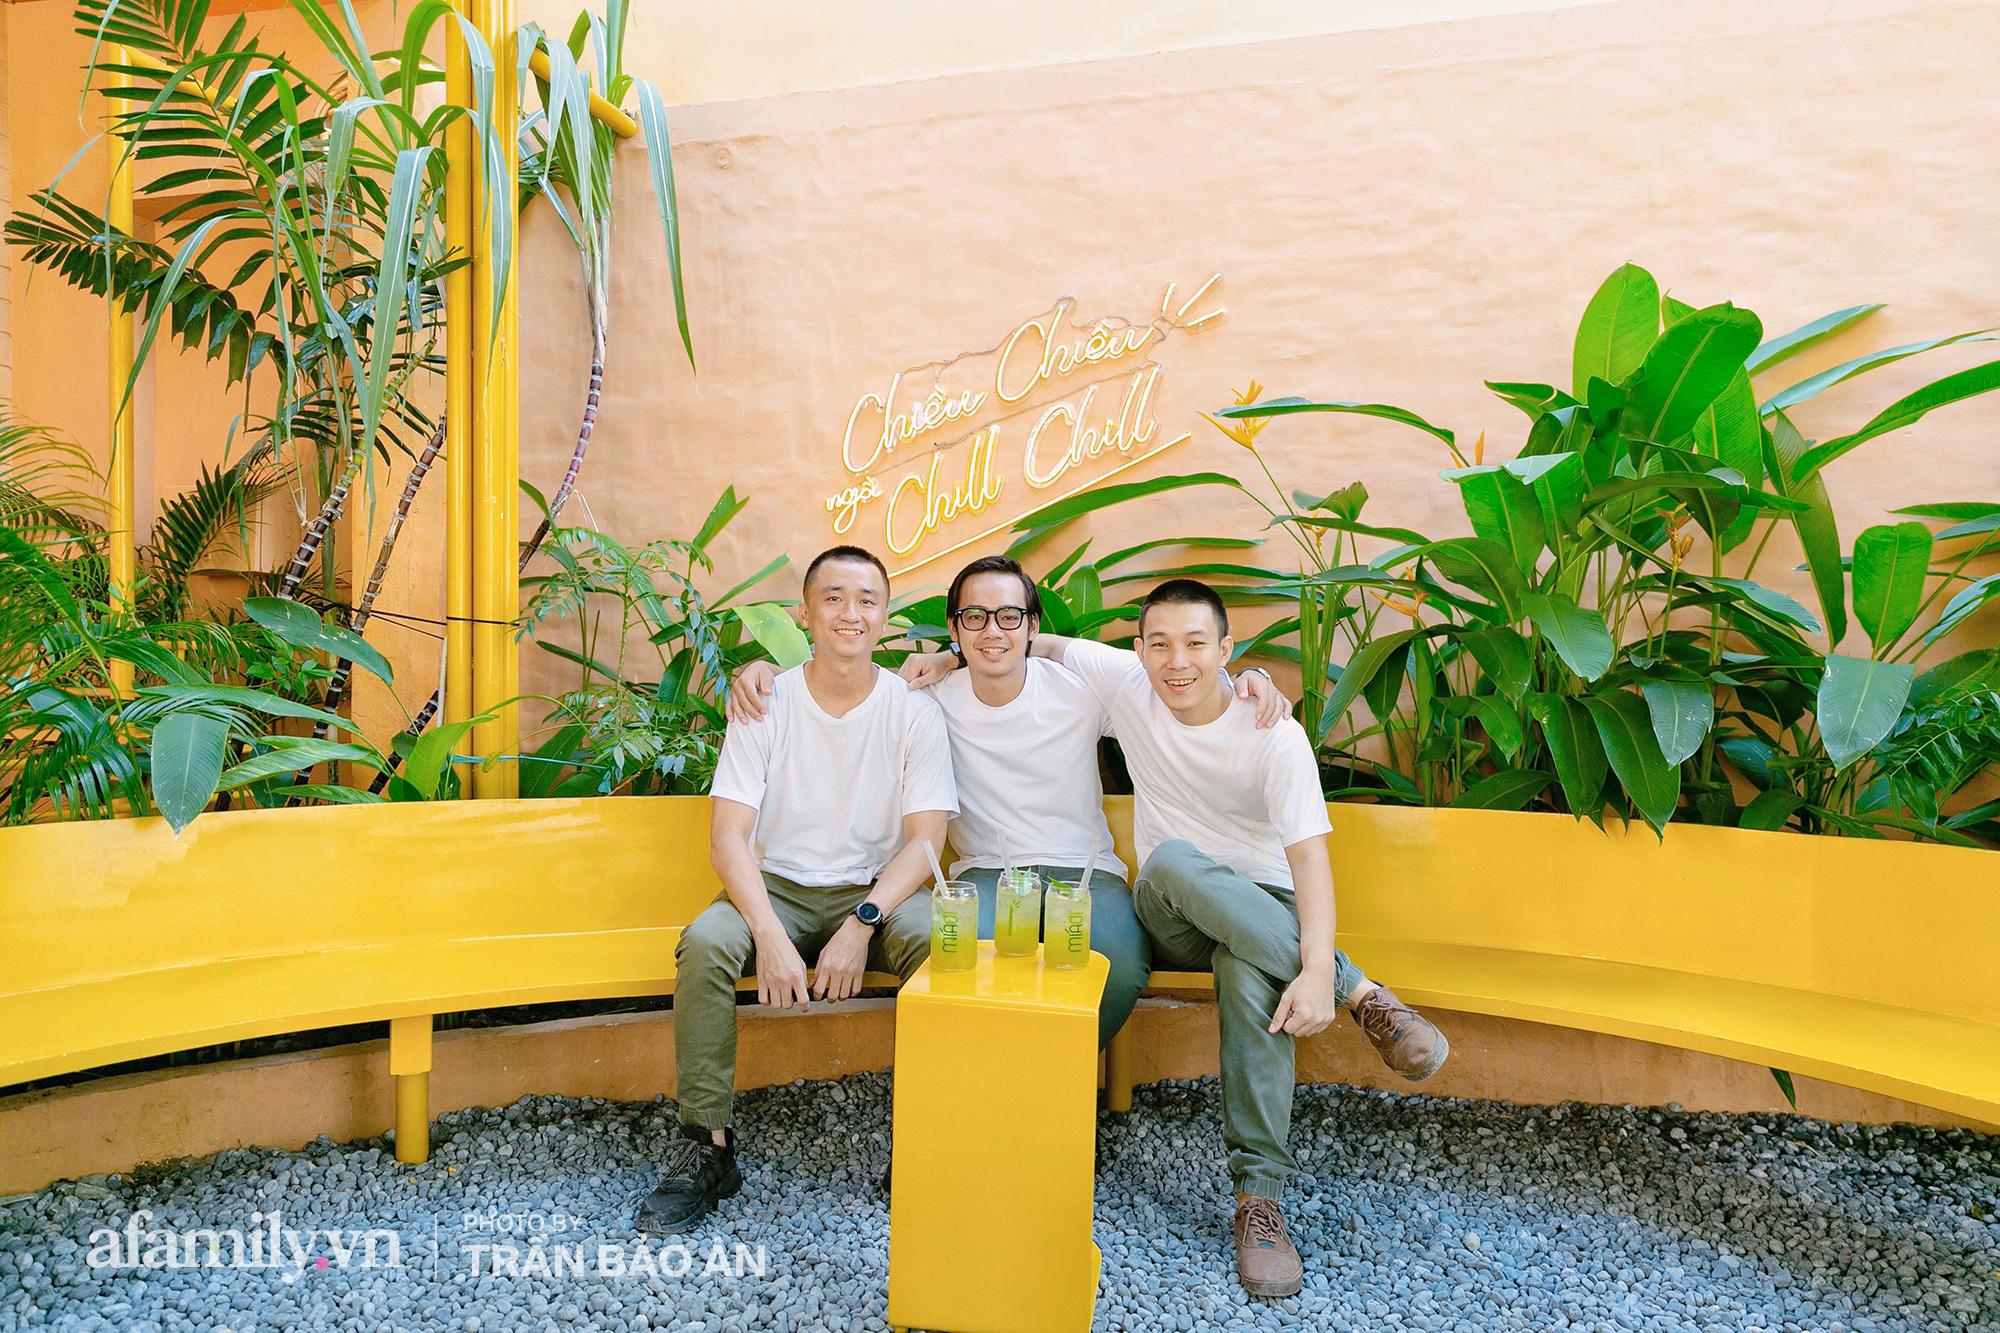 """""""Tuyên chiến Covid"""" 3 chàng trai mở cửa tiệm nước mía lạ nhất Sài Gòn, ai đi qua cũng trầm trồ """"đẹp như khu vui chơi""""! - Ảnh 6."""